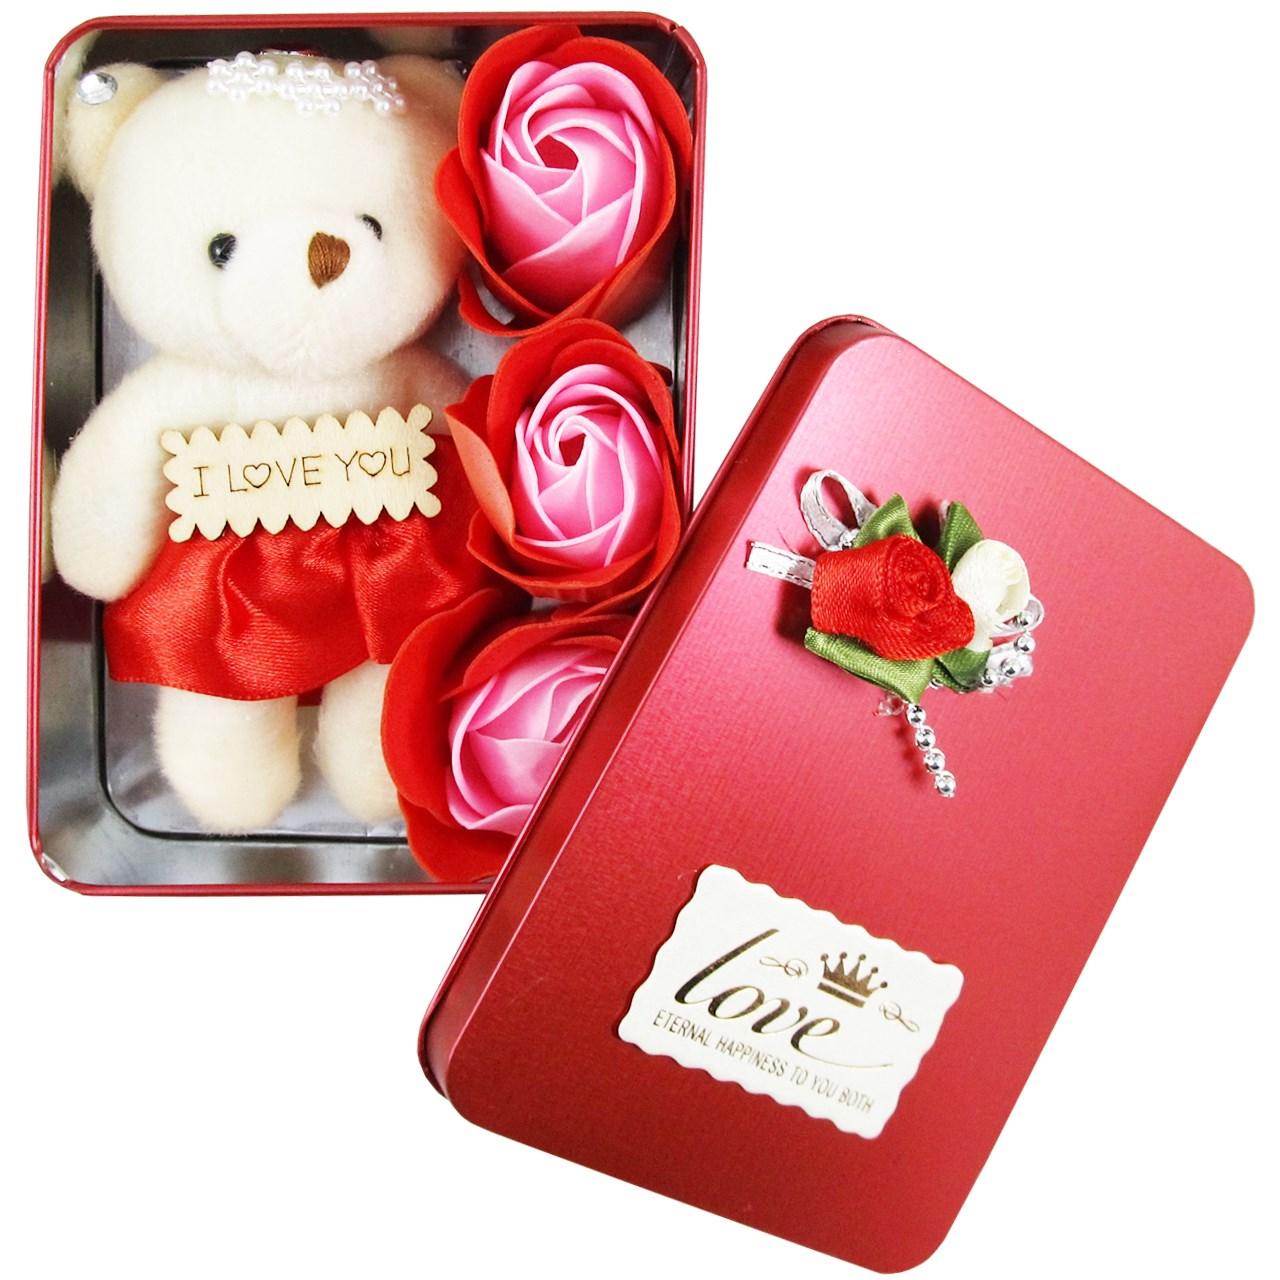 جعبه کادویی گل معطر  و عروسک وسنا مدل LOVE